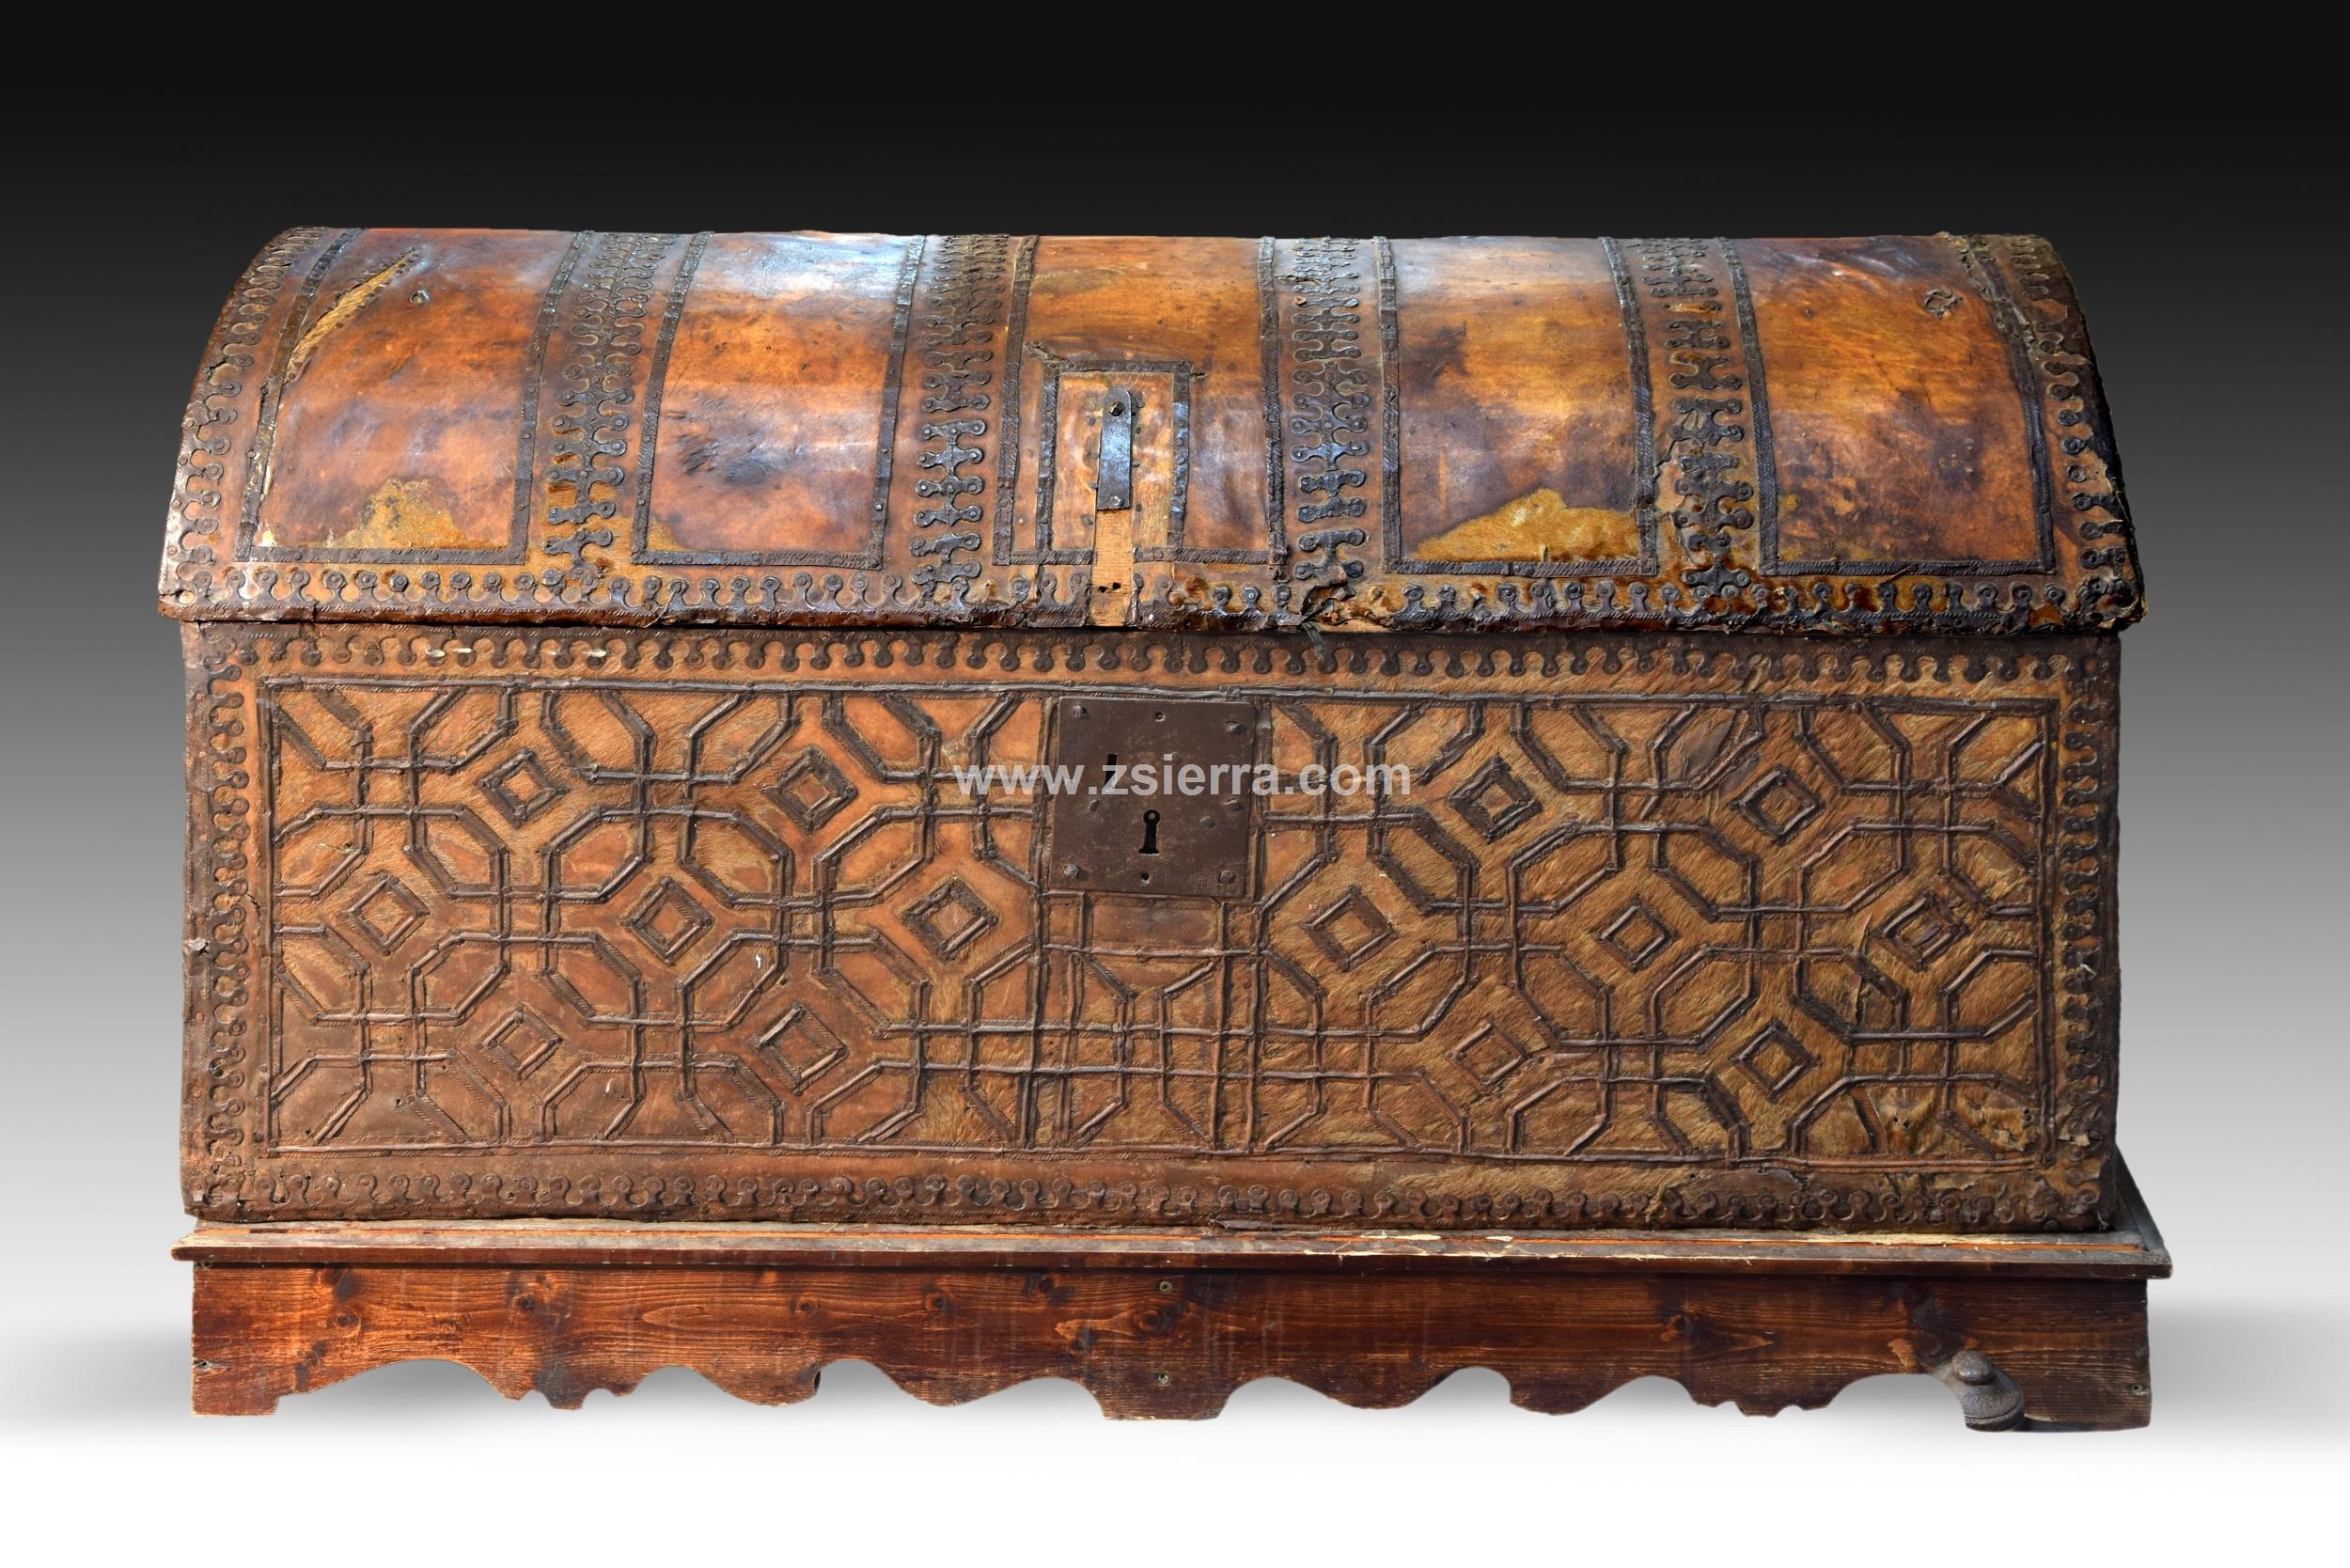 Z Sierra Antig Edades Y Objetos De Decoraci N Baul Con  # Muebles Mudejar